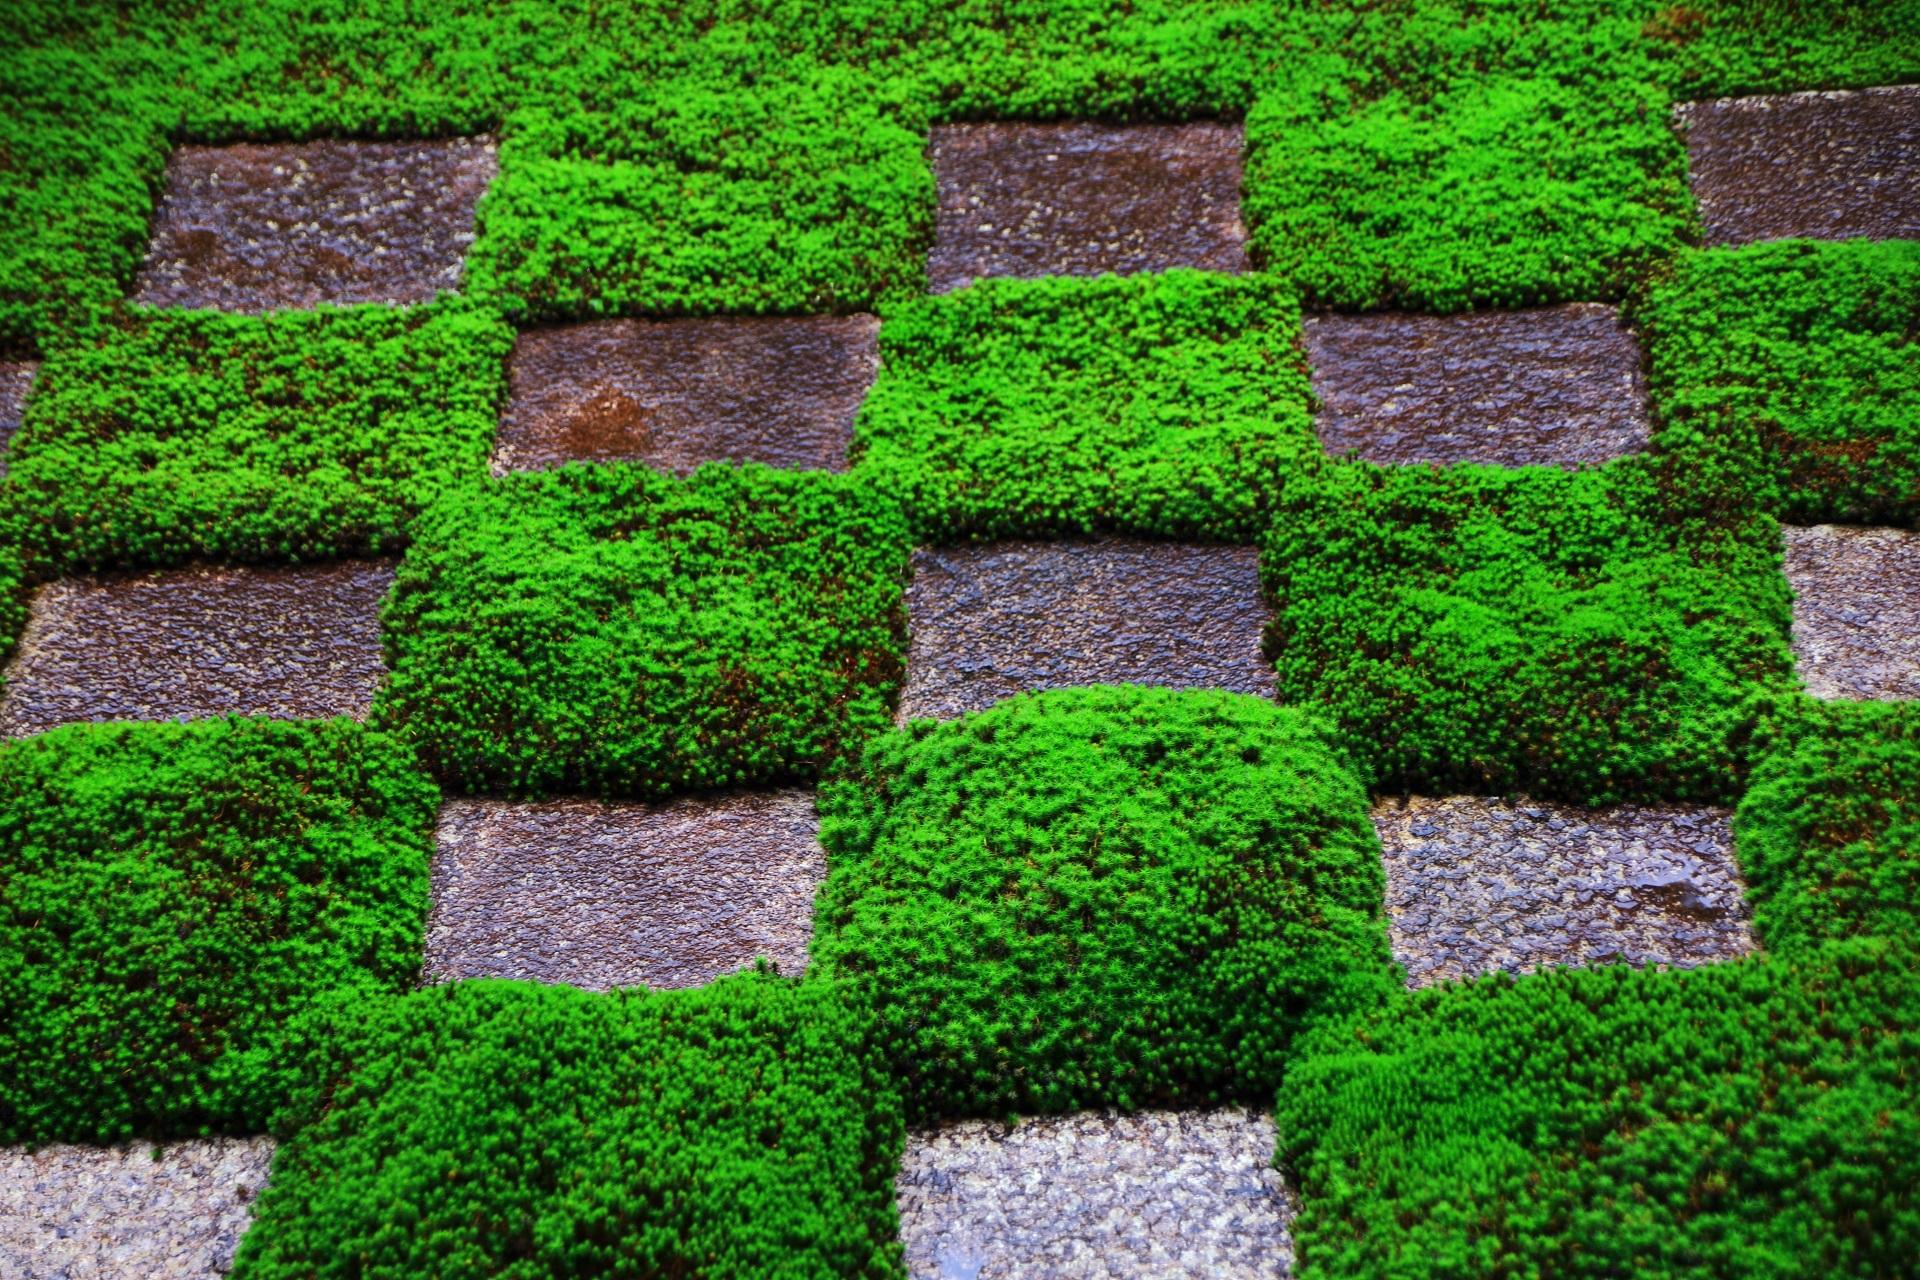 東福寺方丈北庭の苔の市松模様